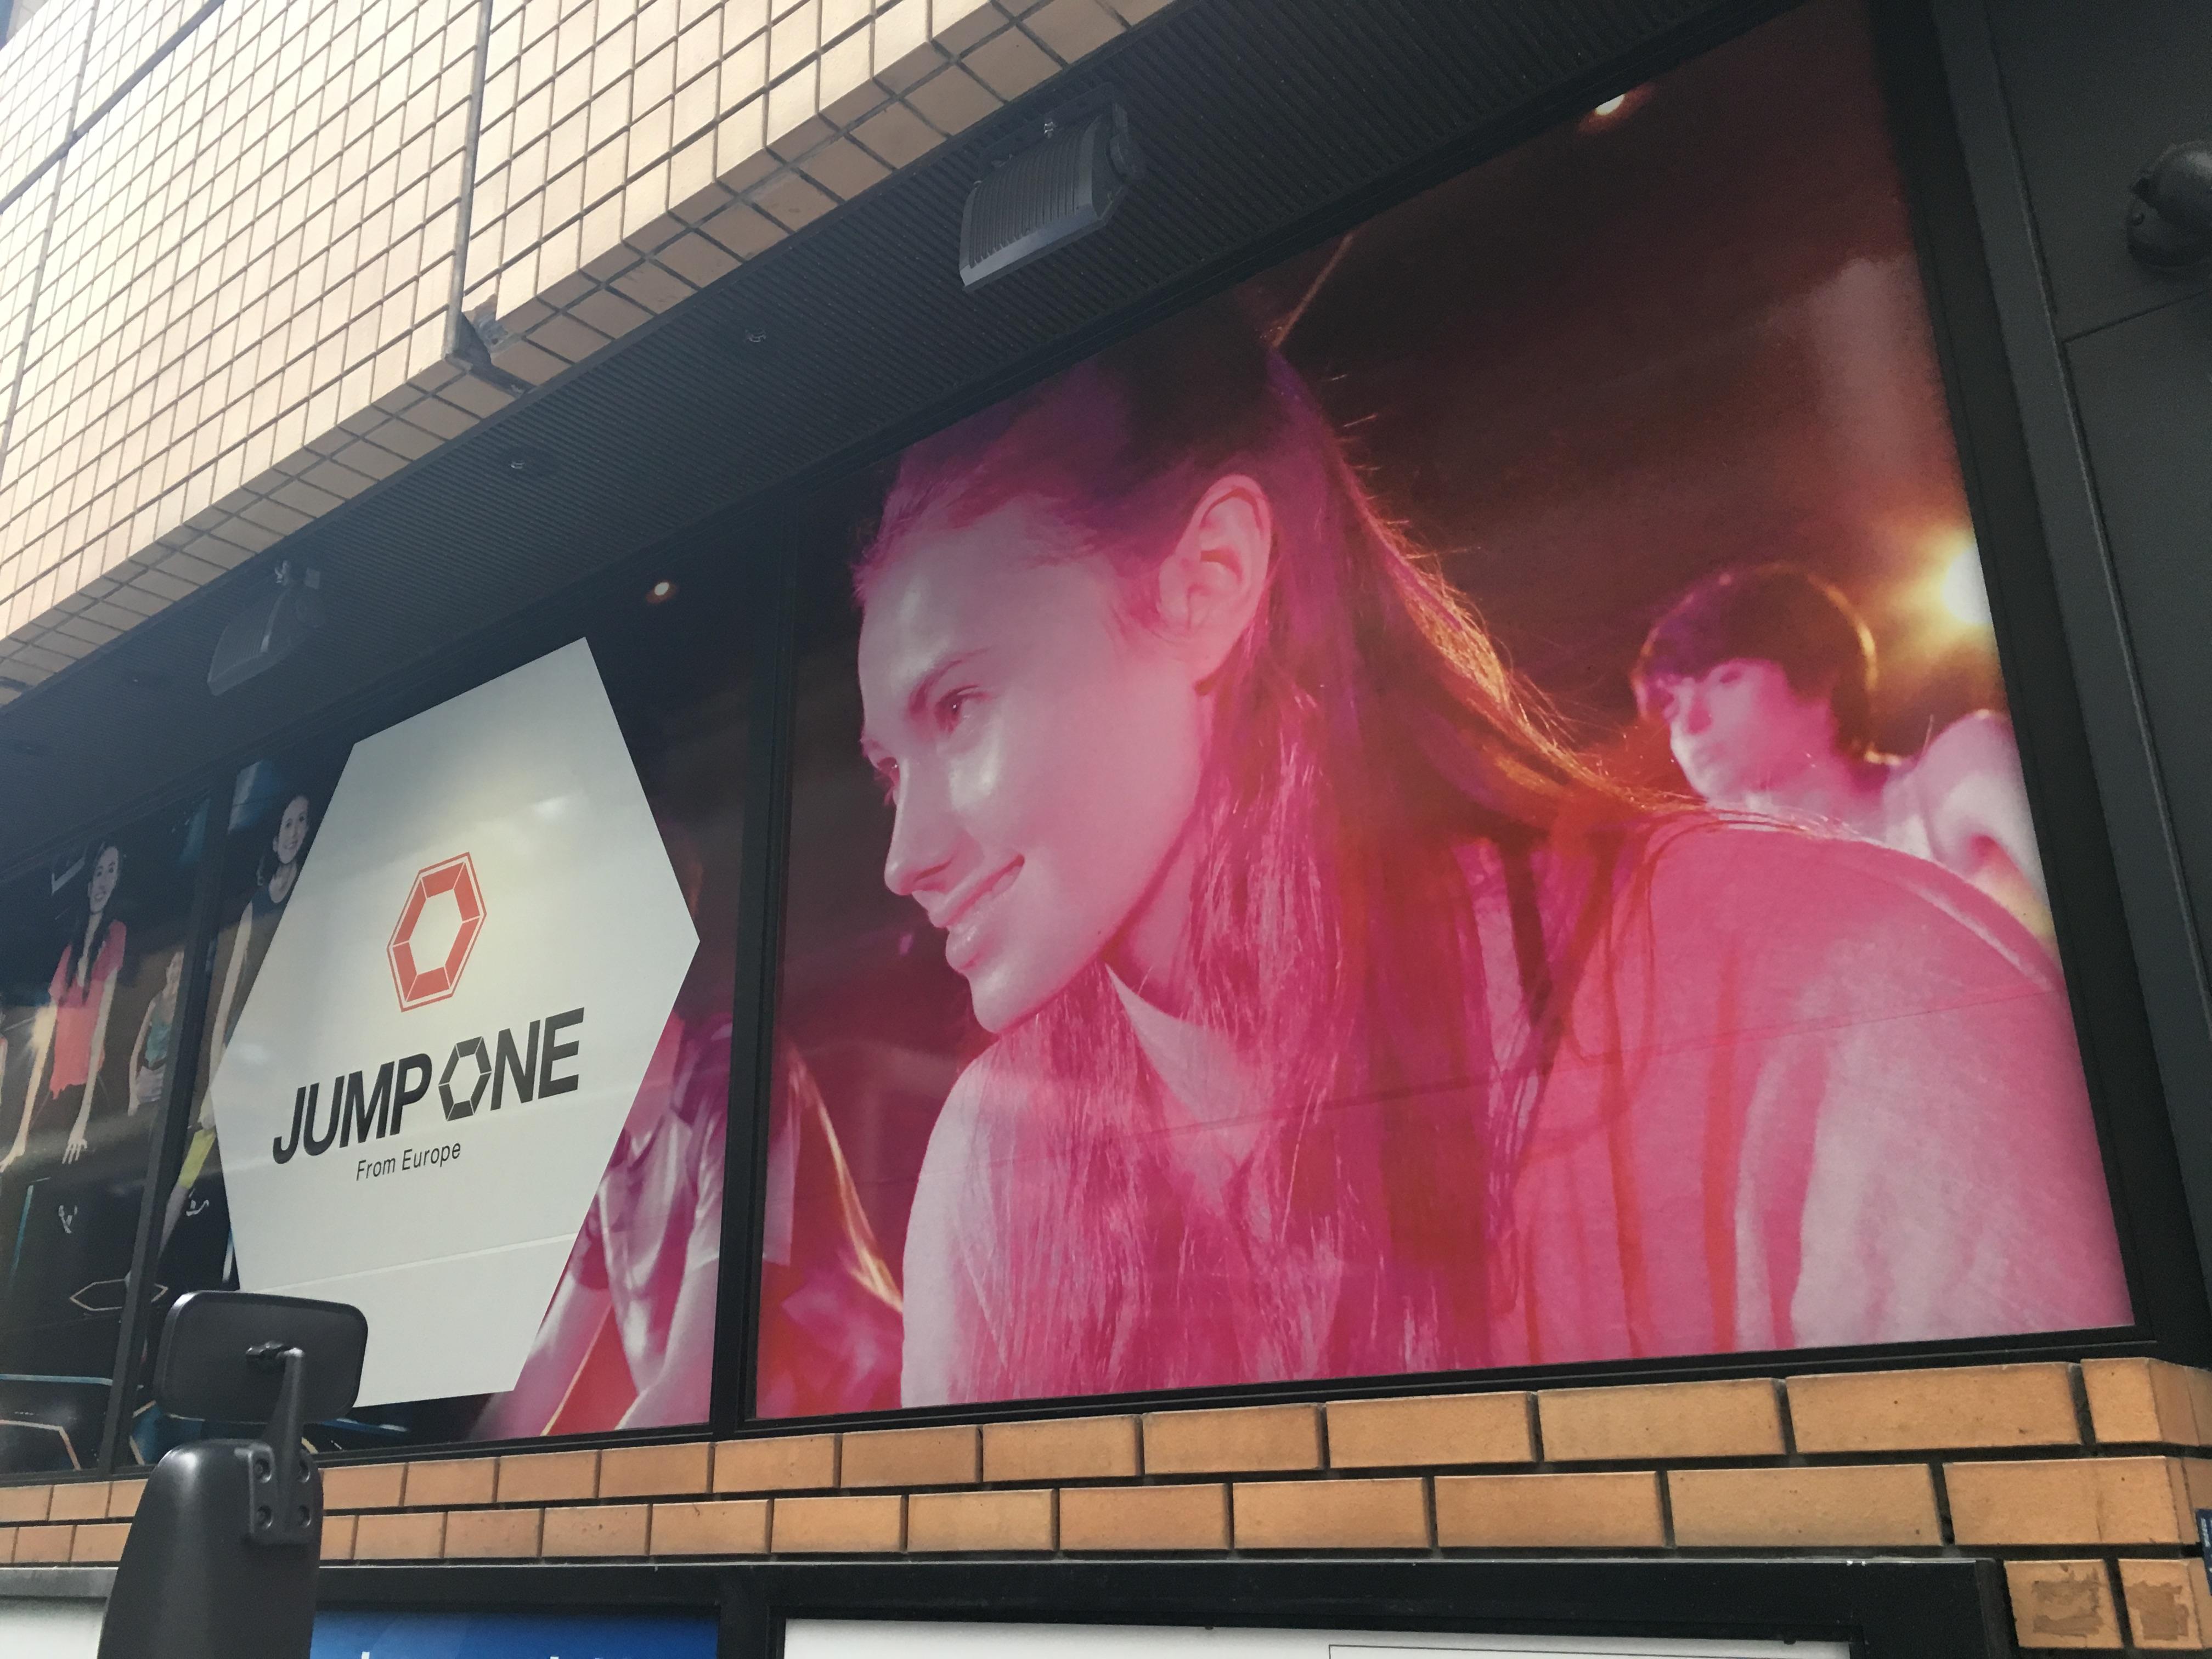 トランポリンフィットネスJump one銀座店に行ってみた!場所や感想